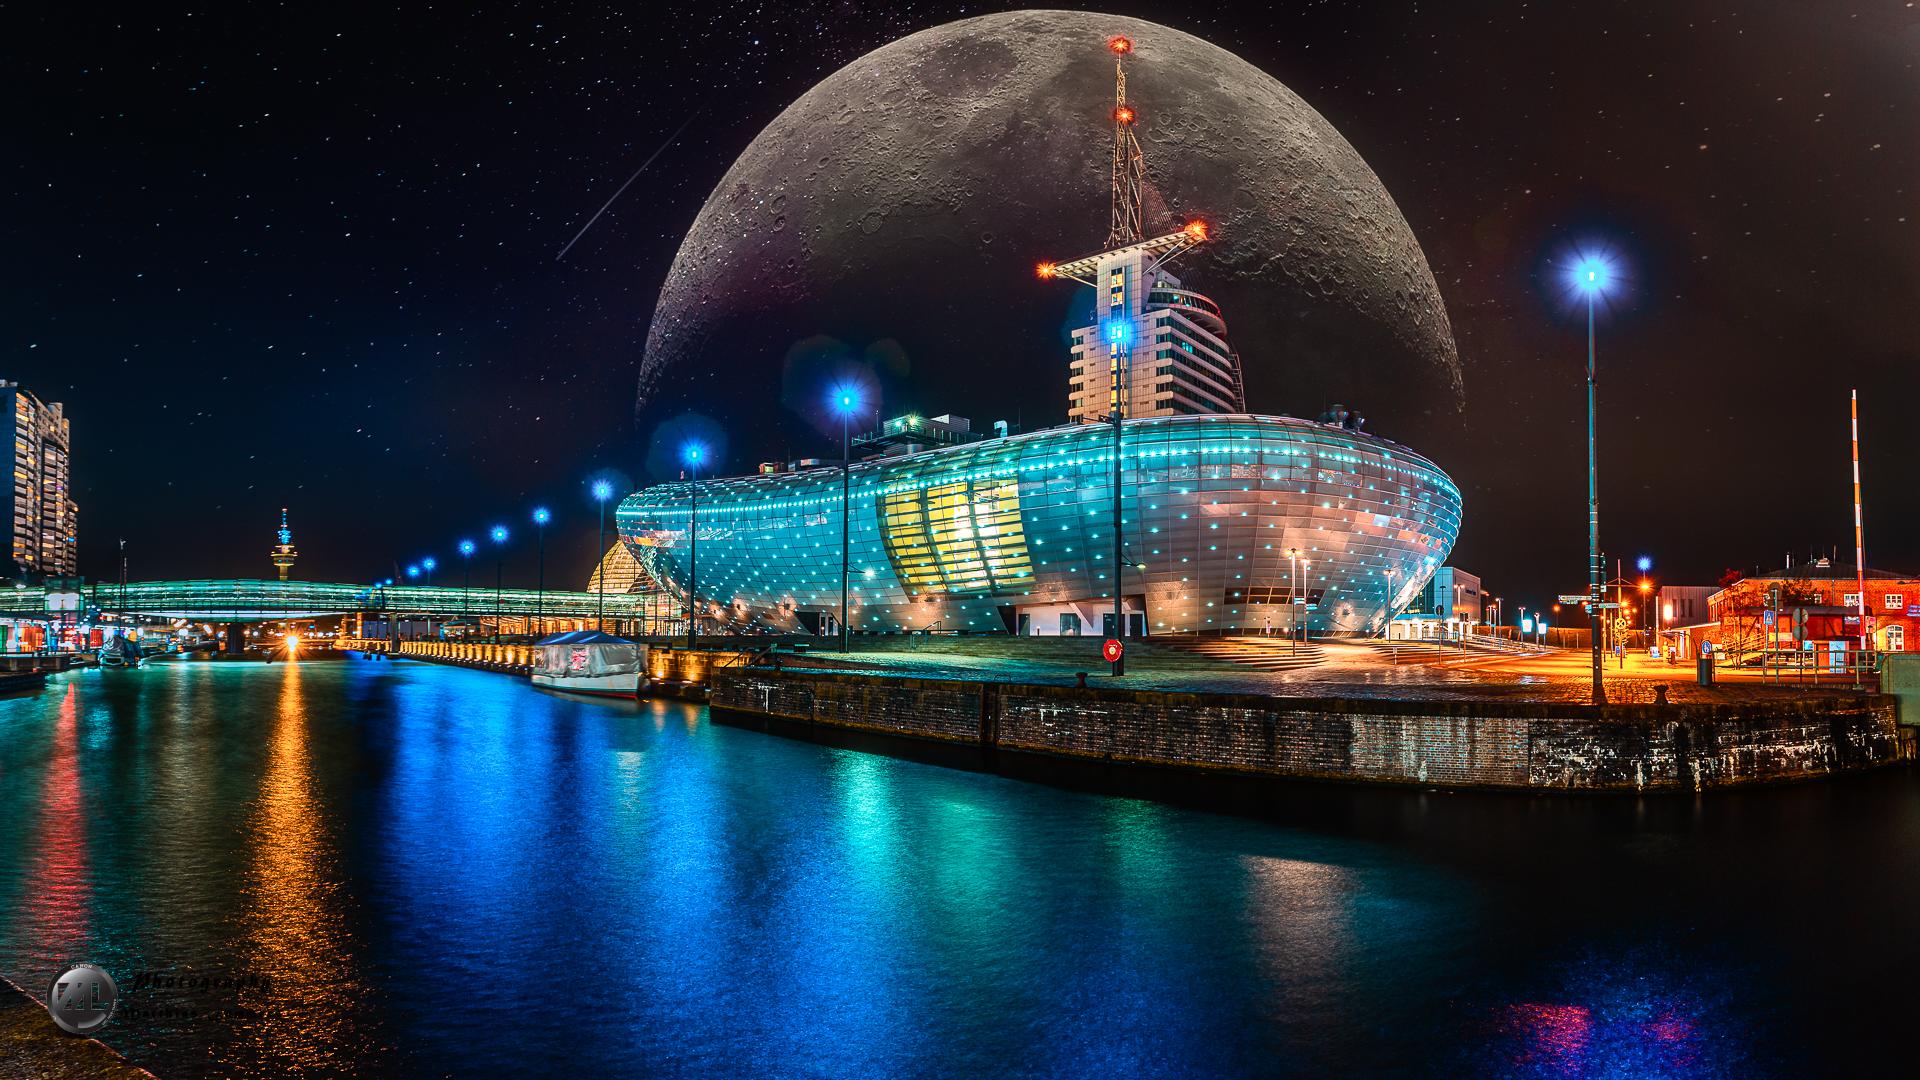 Klimahaus Brenerhaven bei Nacht